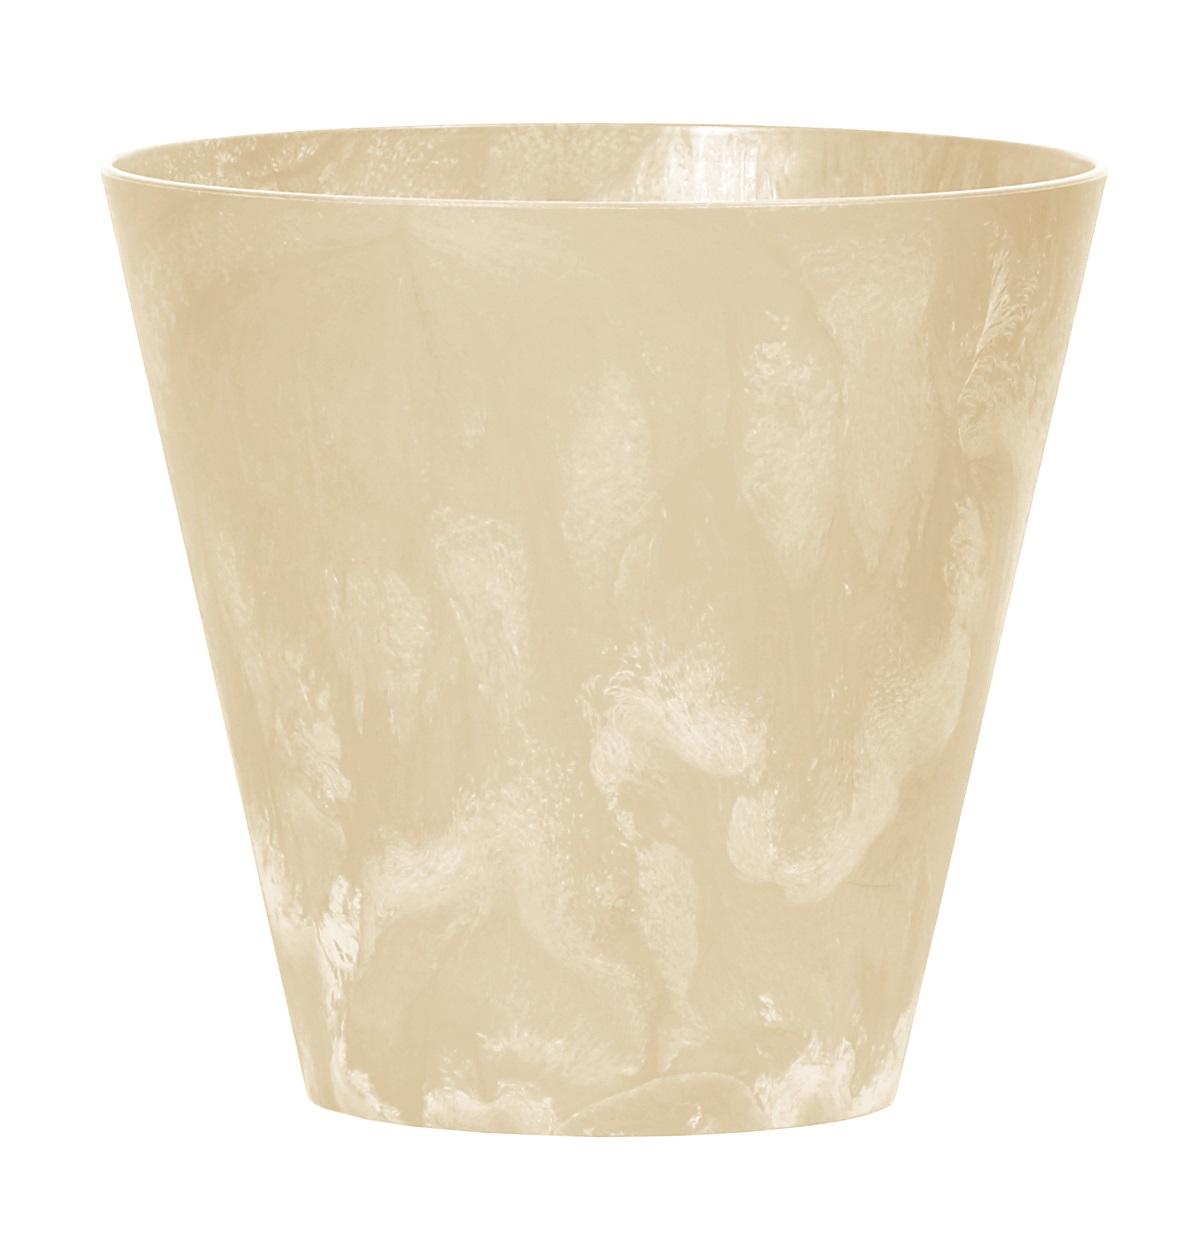 PROSPERPLAST Květináč TUBUS BETON EFFECT pískový 30cm